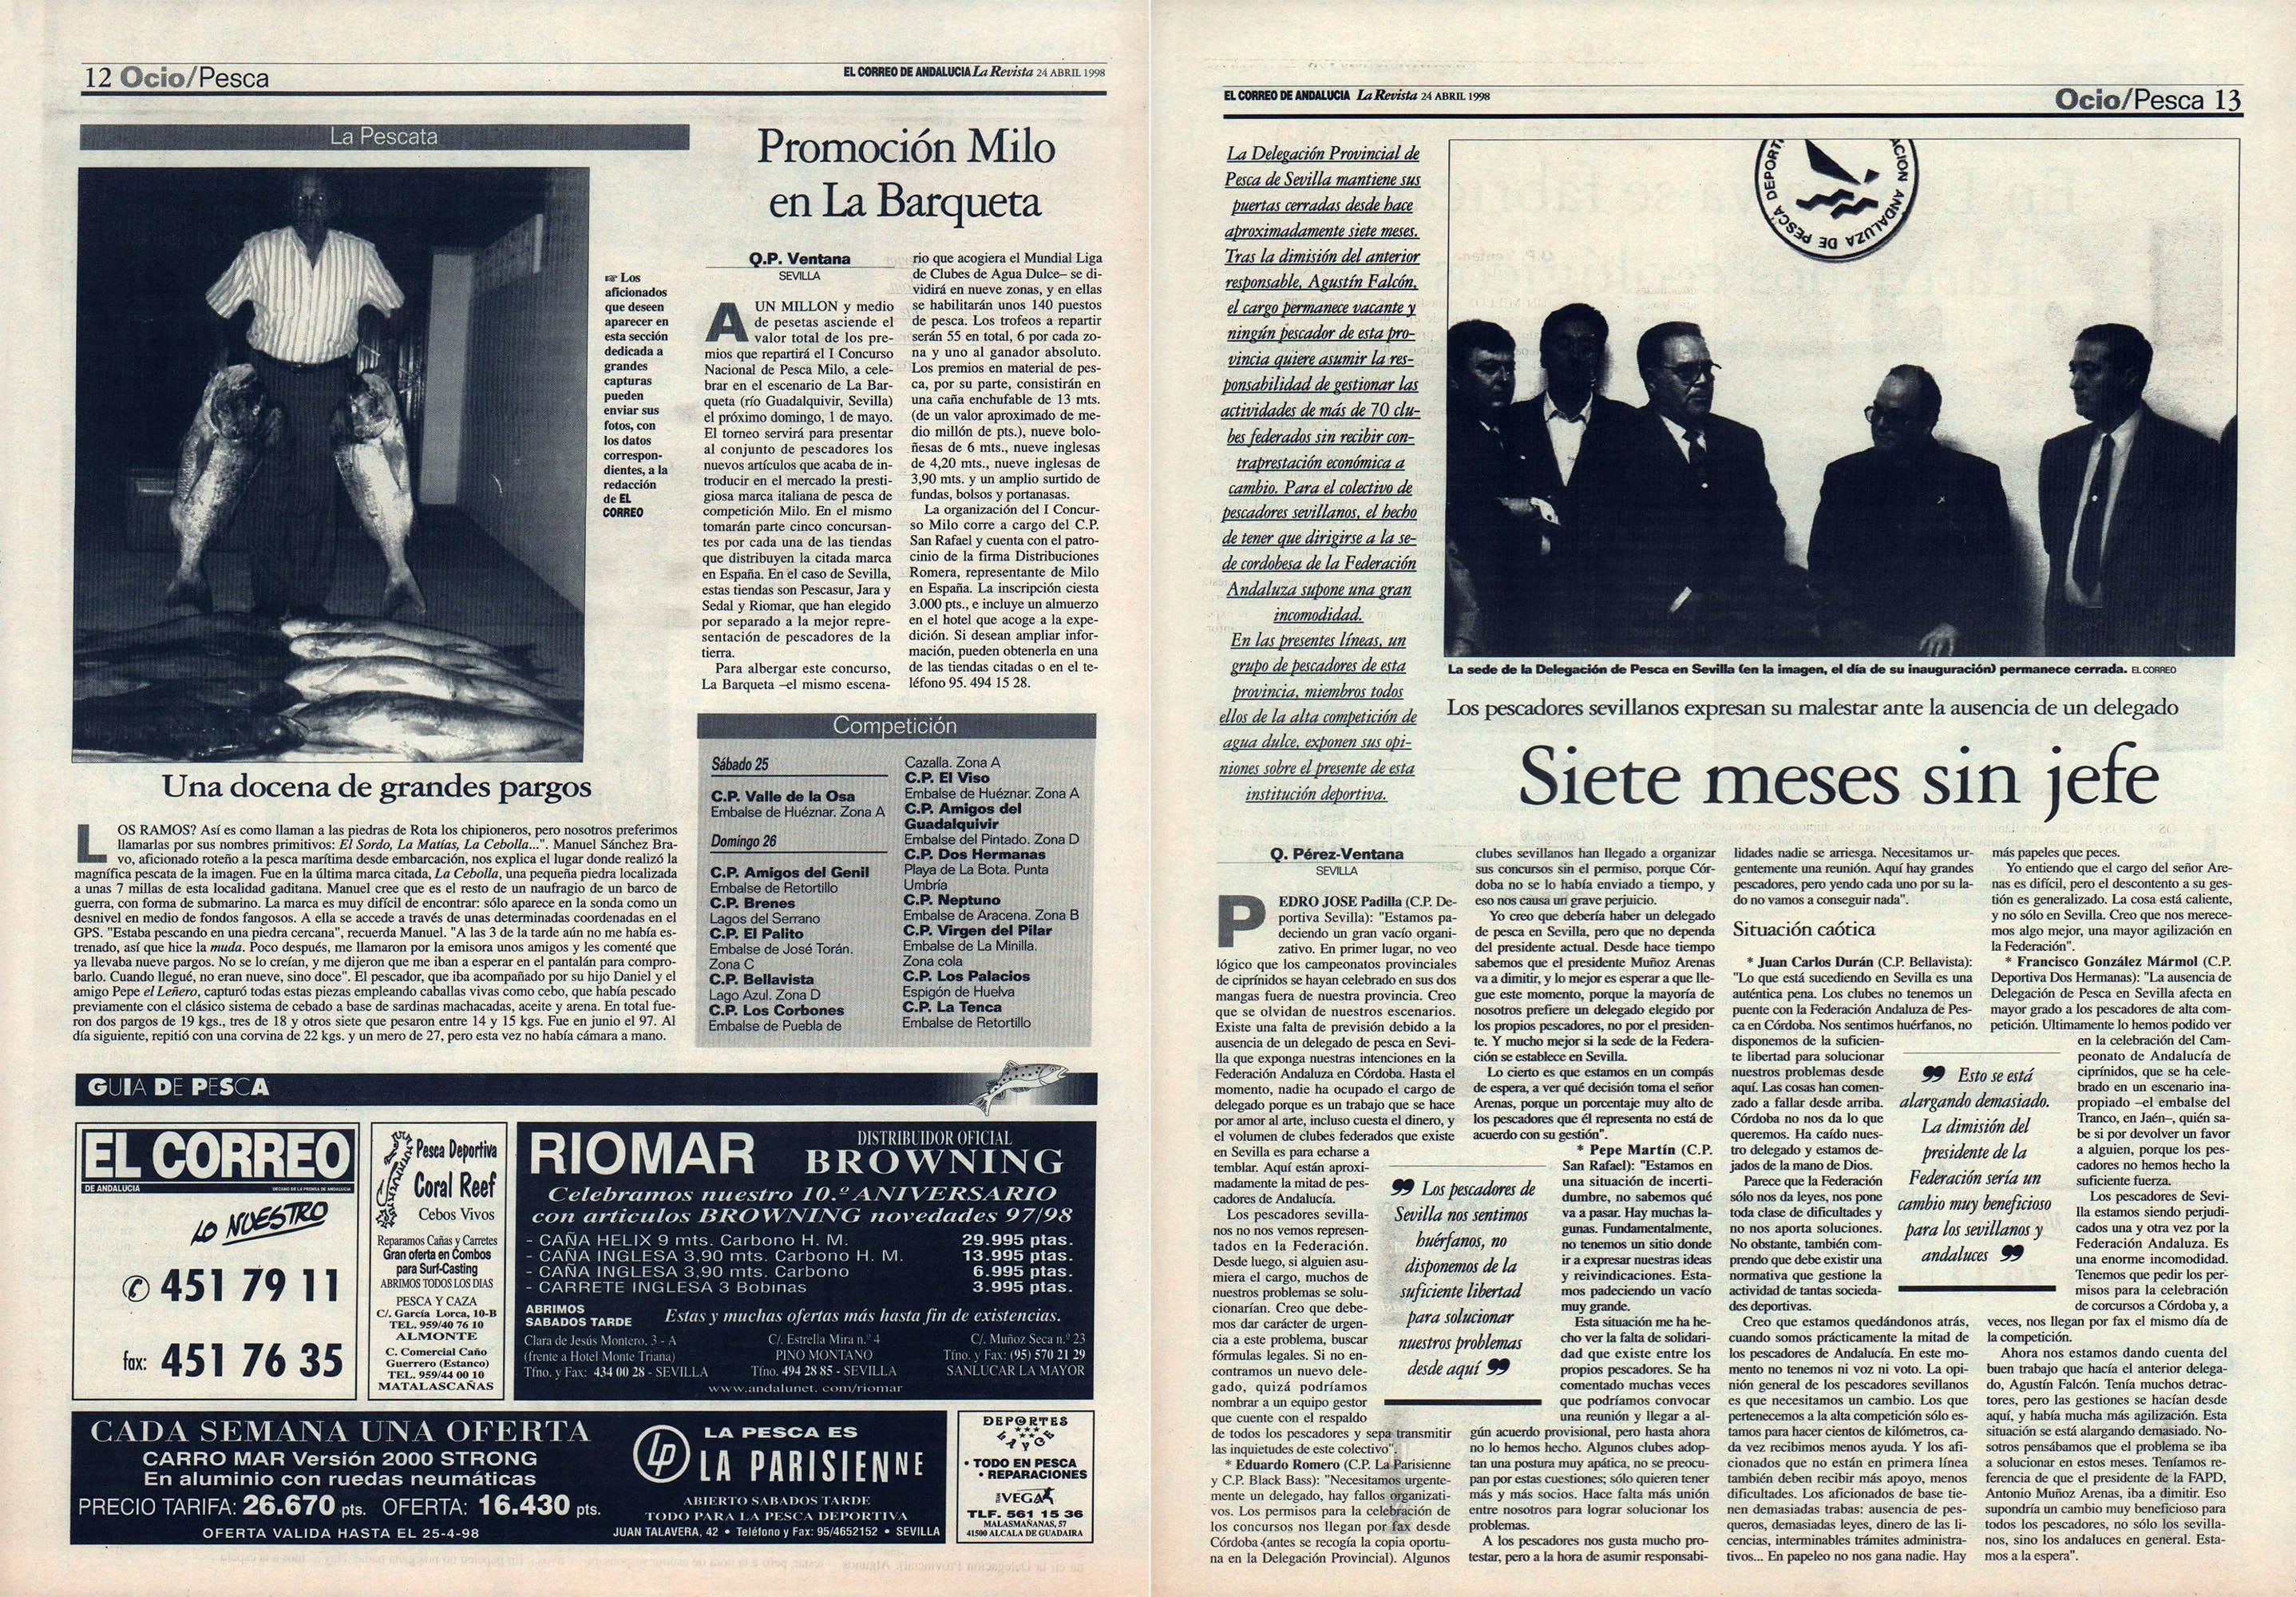 Pesca deportiva / Siete meses sin jefe - Promoción Milo en La Barqueta - Una docena de grandes pargos | El Correo de Andalucía | 24 abr 1998